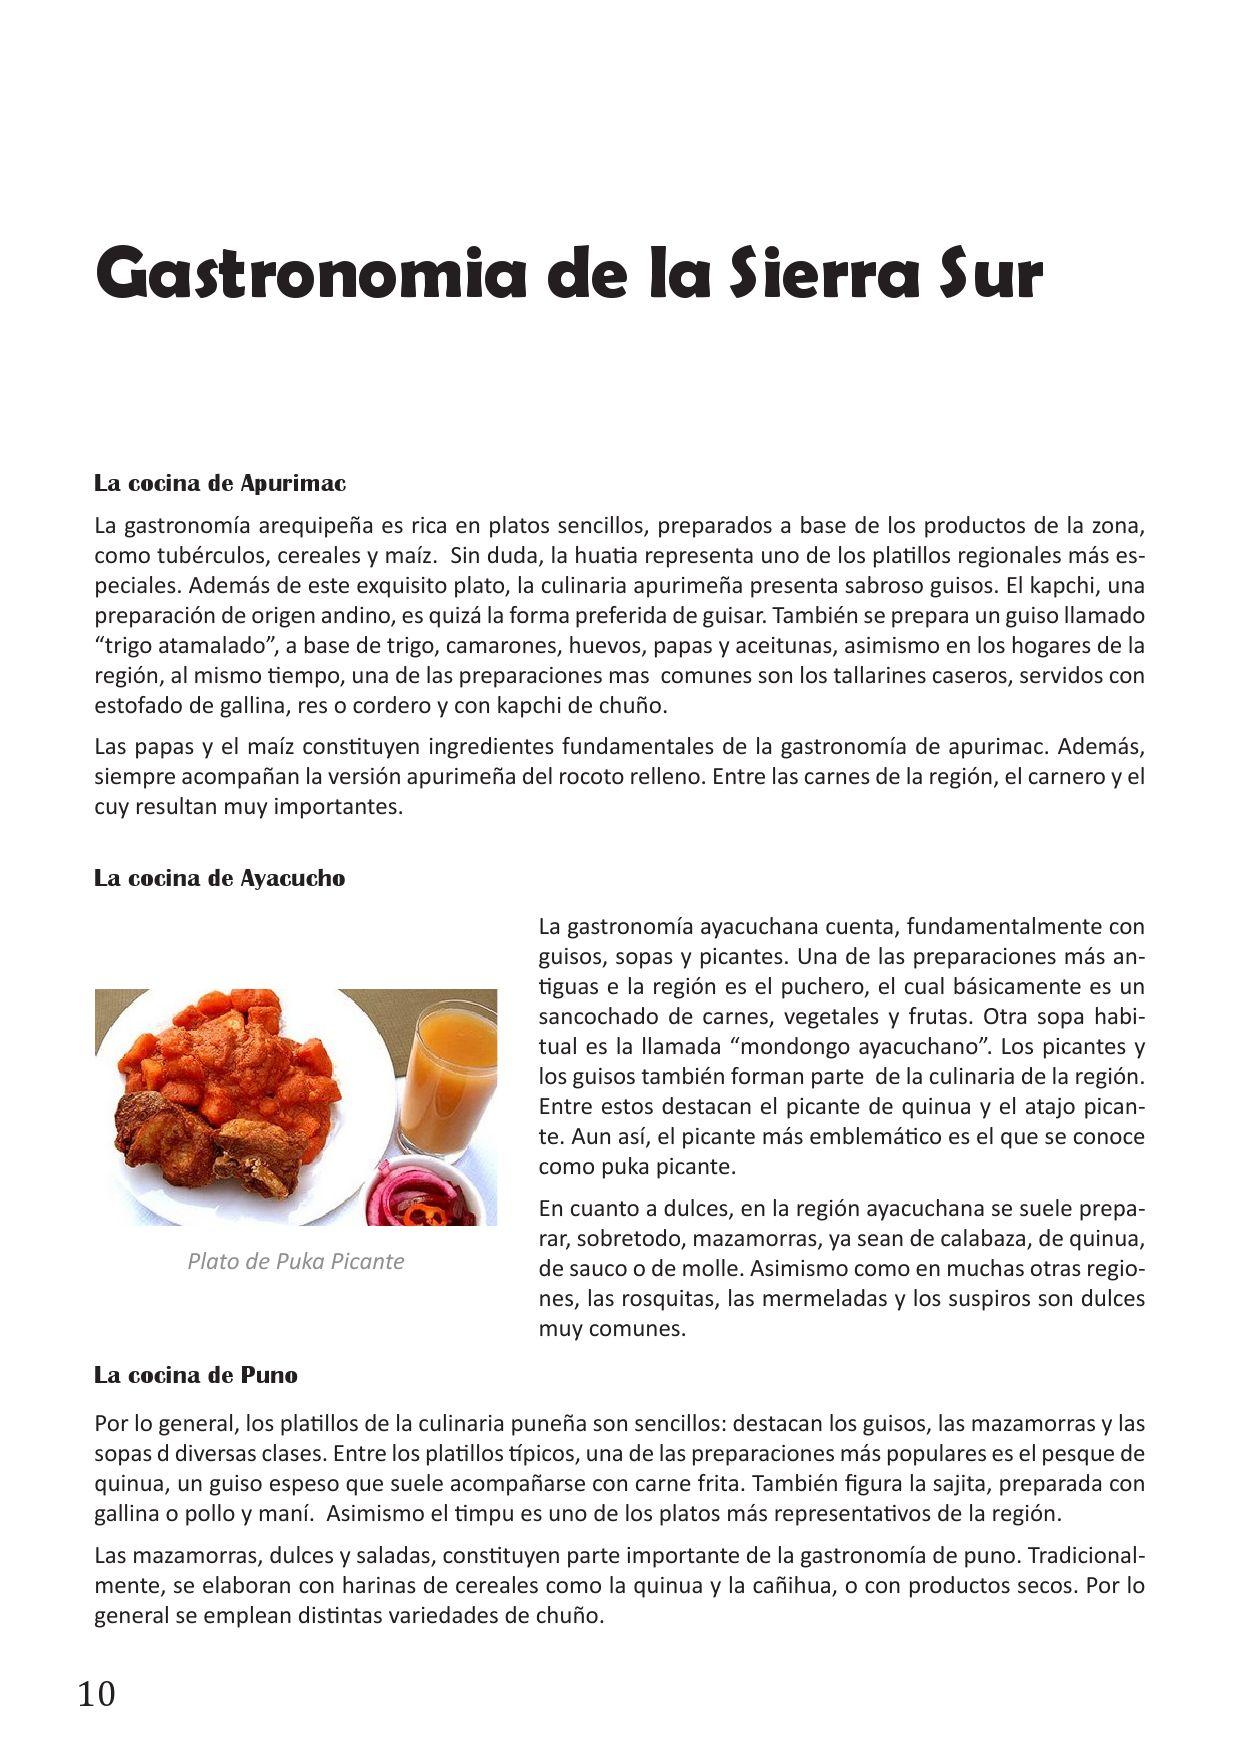 La Cocina del Sur del Perú by Carolina Medina - Issuu